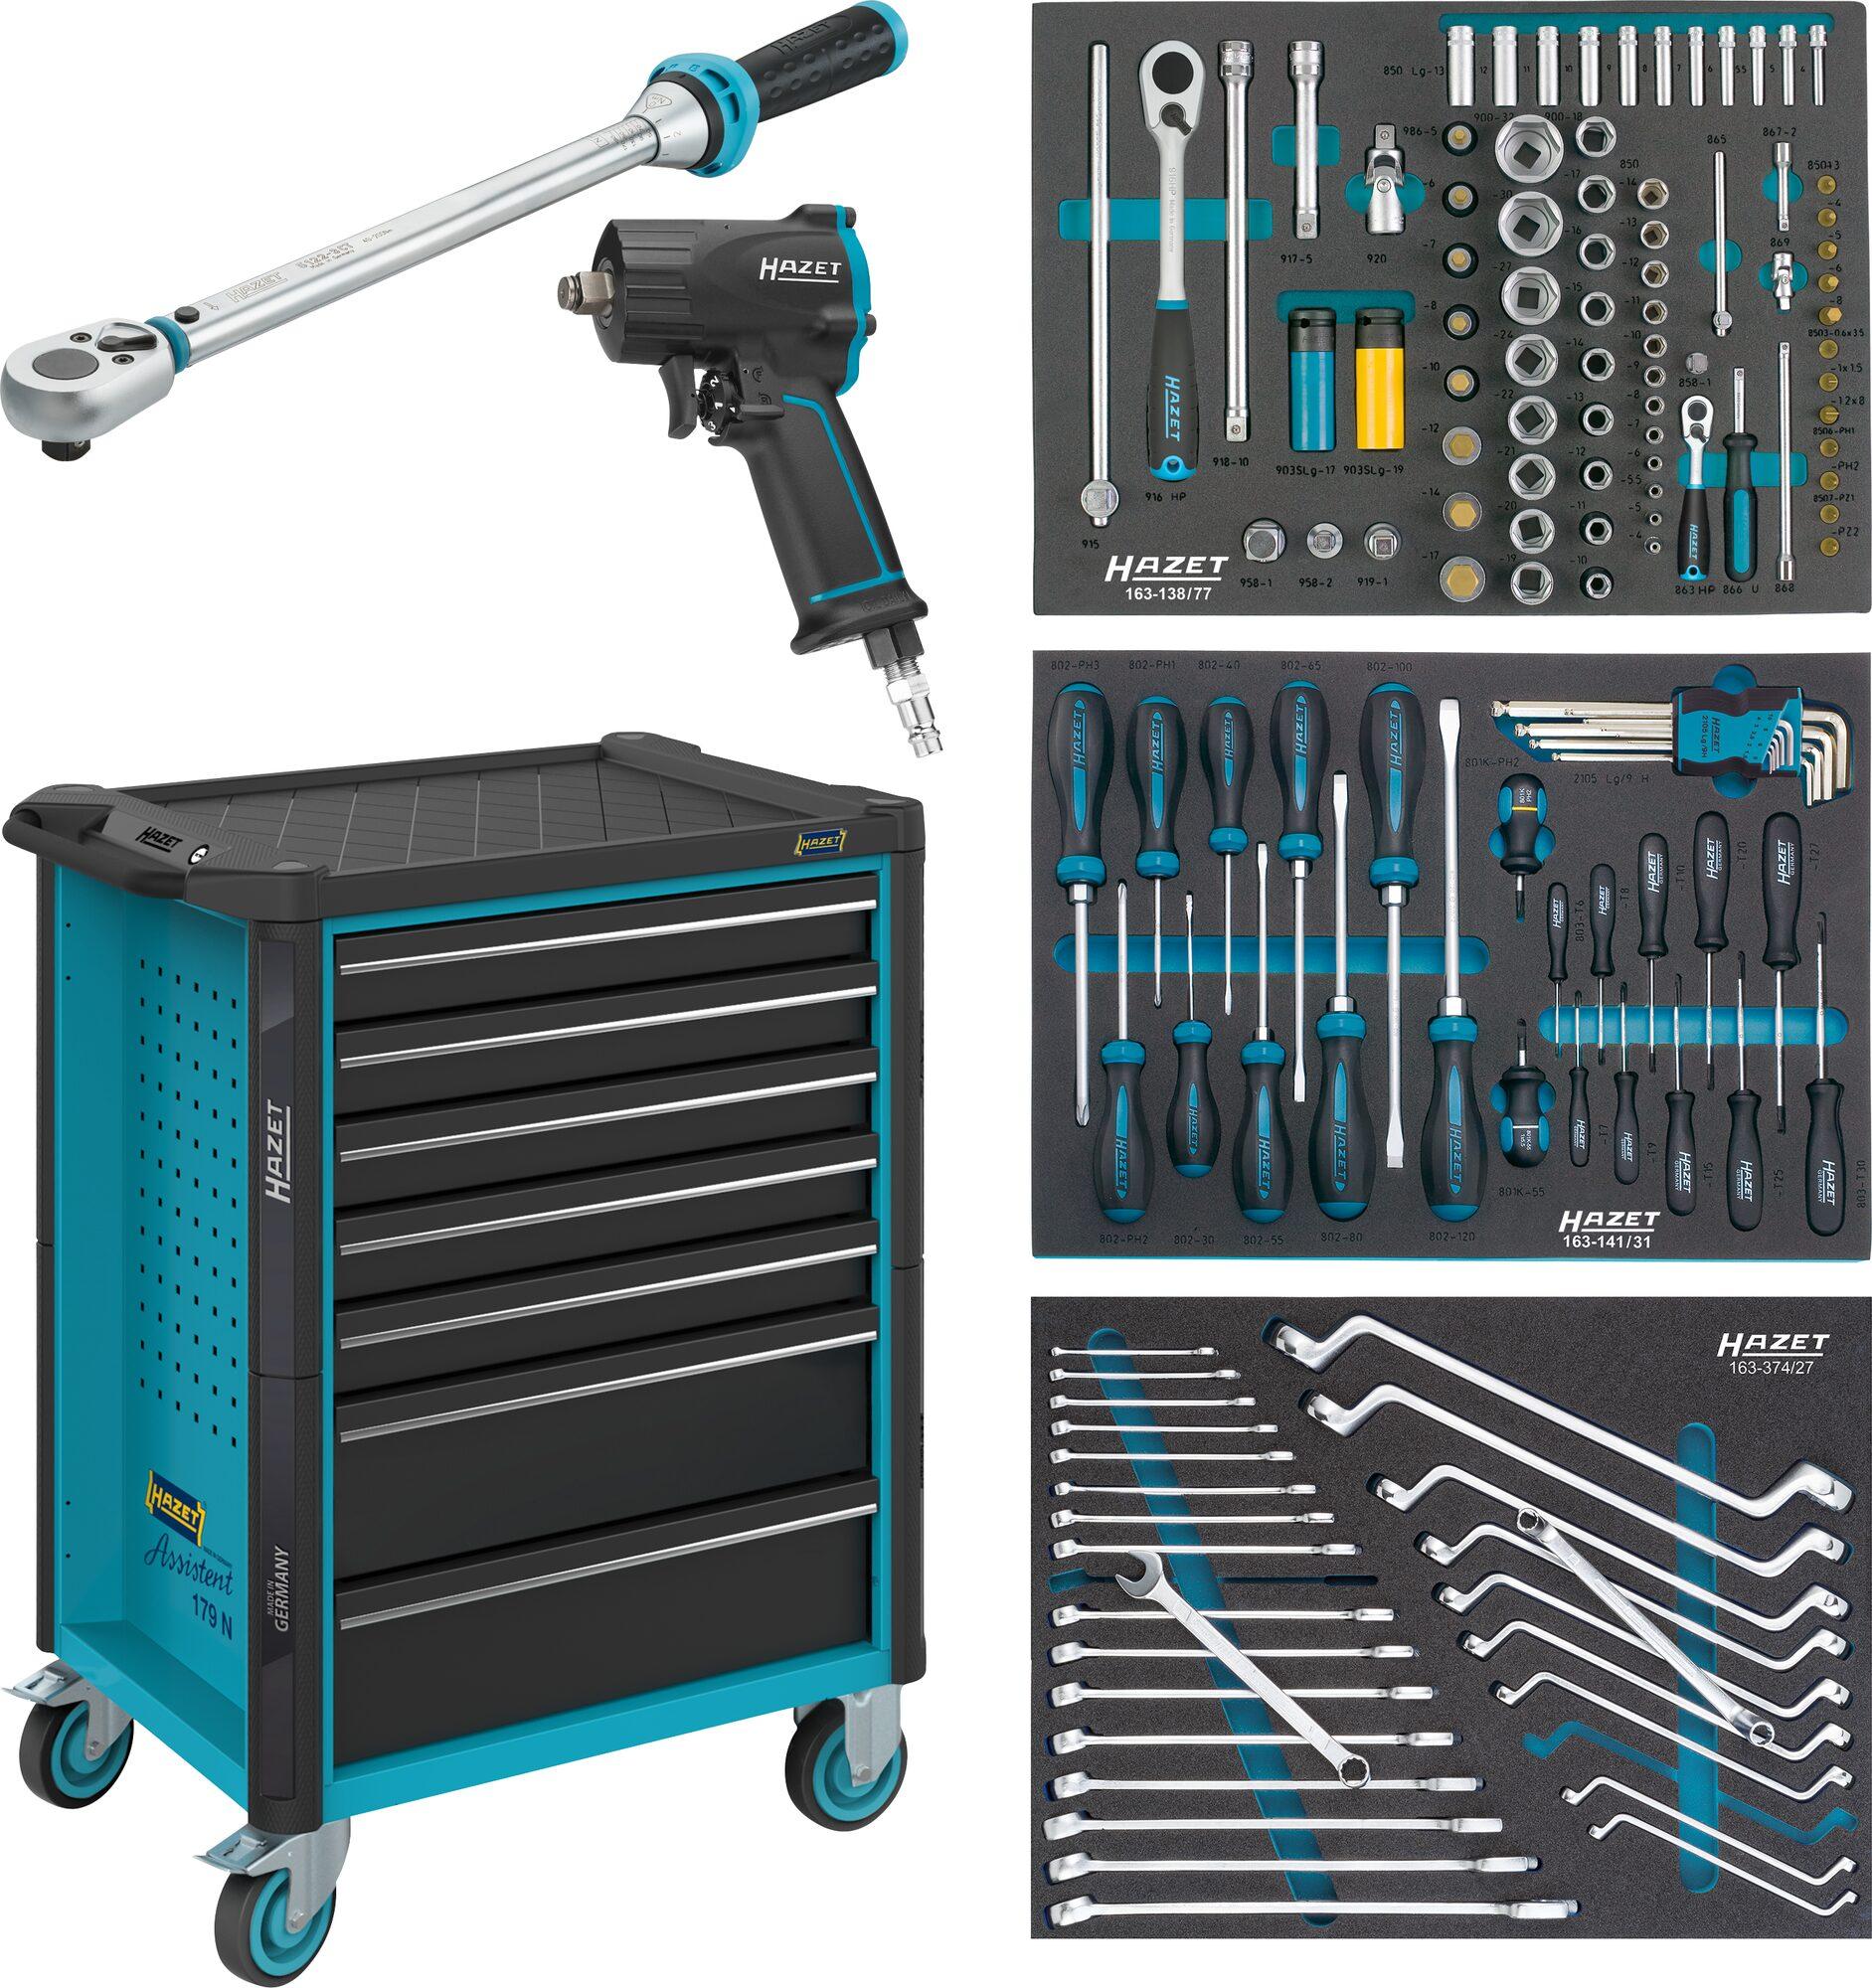 HAZET Werkstattwagen Assistent 179N-7/137 ∙ Schubladen, flach: 5x 81x522x398 mm ∙ Anzahl Werkzeuge: 137